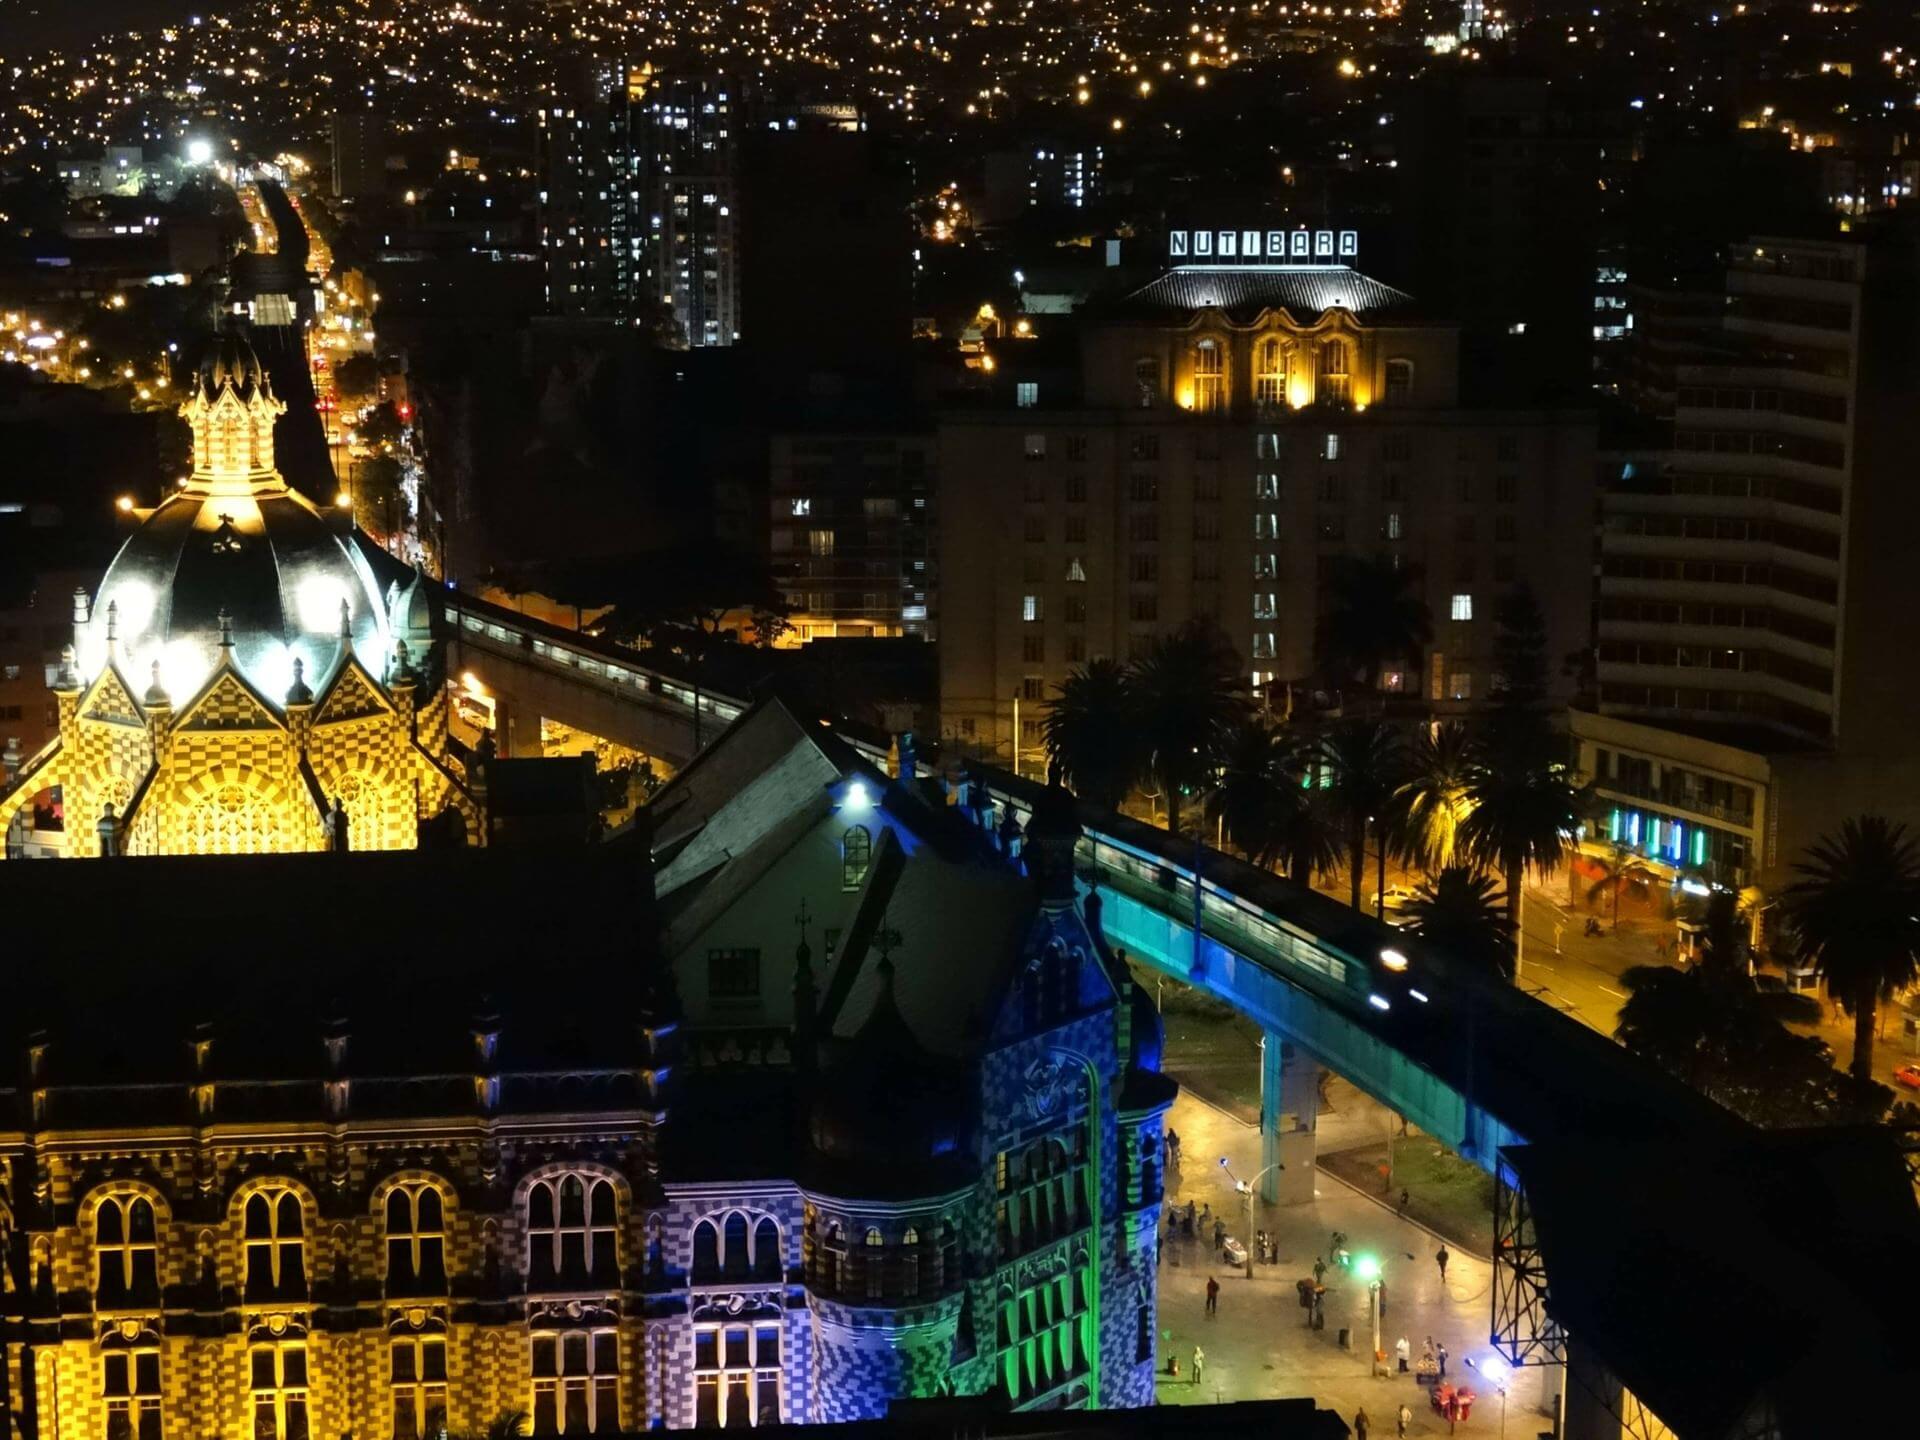 Medellin noche. dónde puedo estudiar idiomas en Medellín